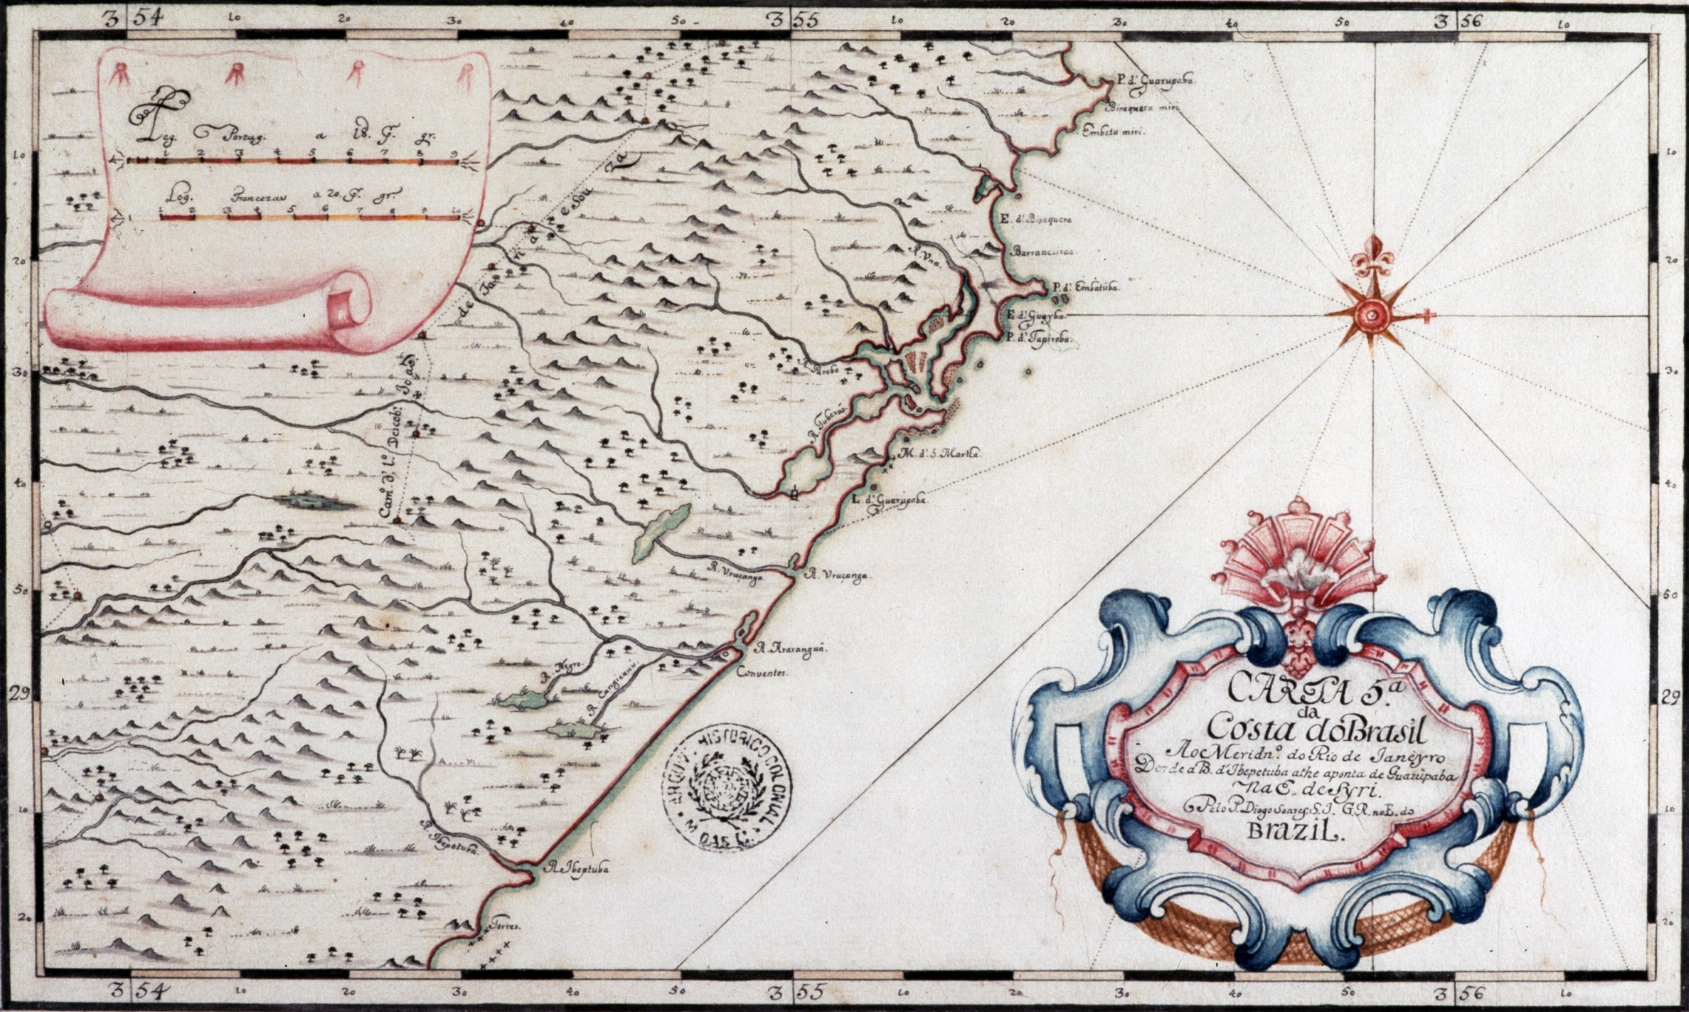 Os mapas do Brasil desenhados pelos padres matemáticos no século XVIII